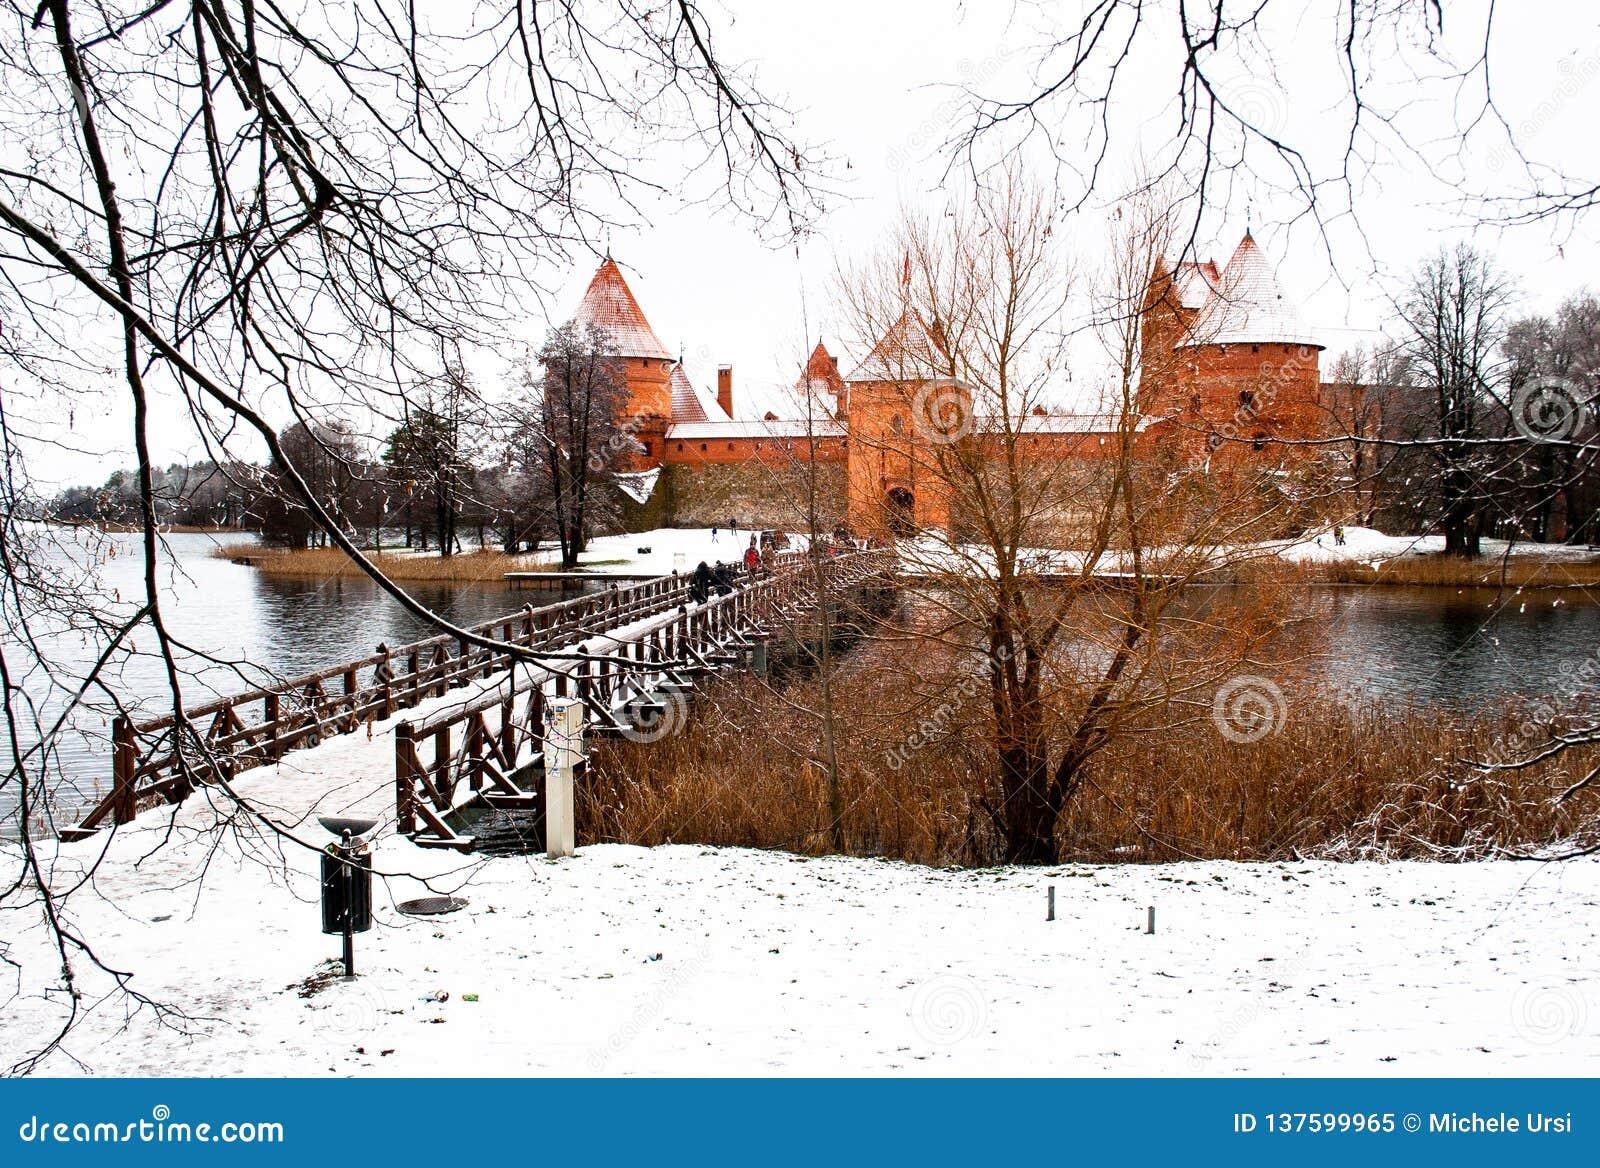 Mittelalterliches Schloss von Trakai, Vilnius, Litauen, Osteuropa, im Winter